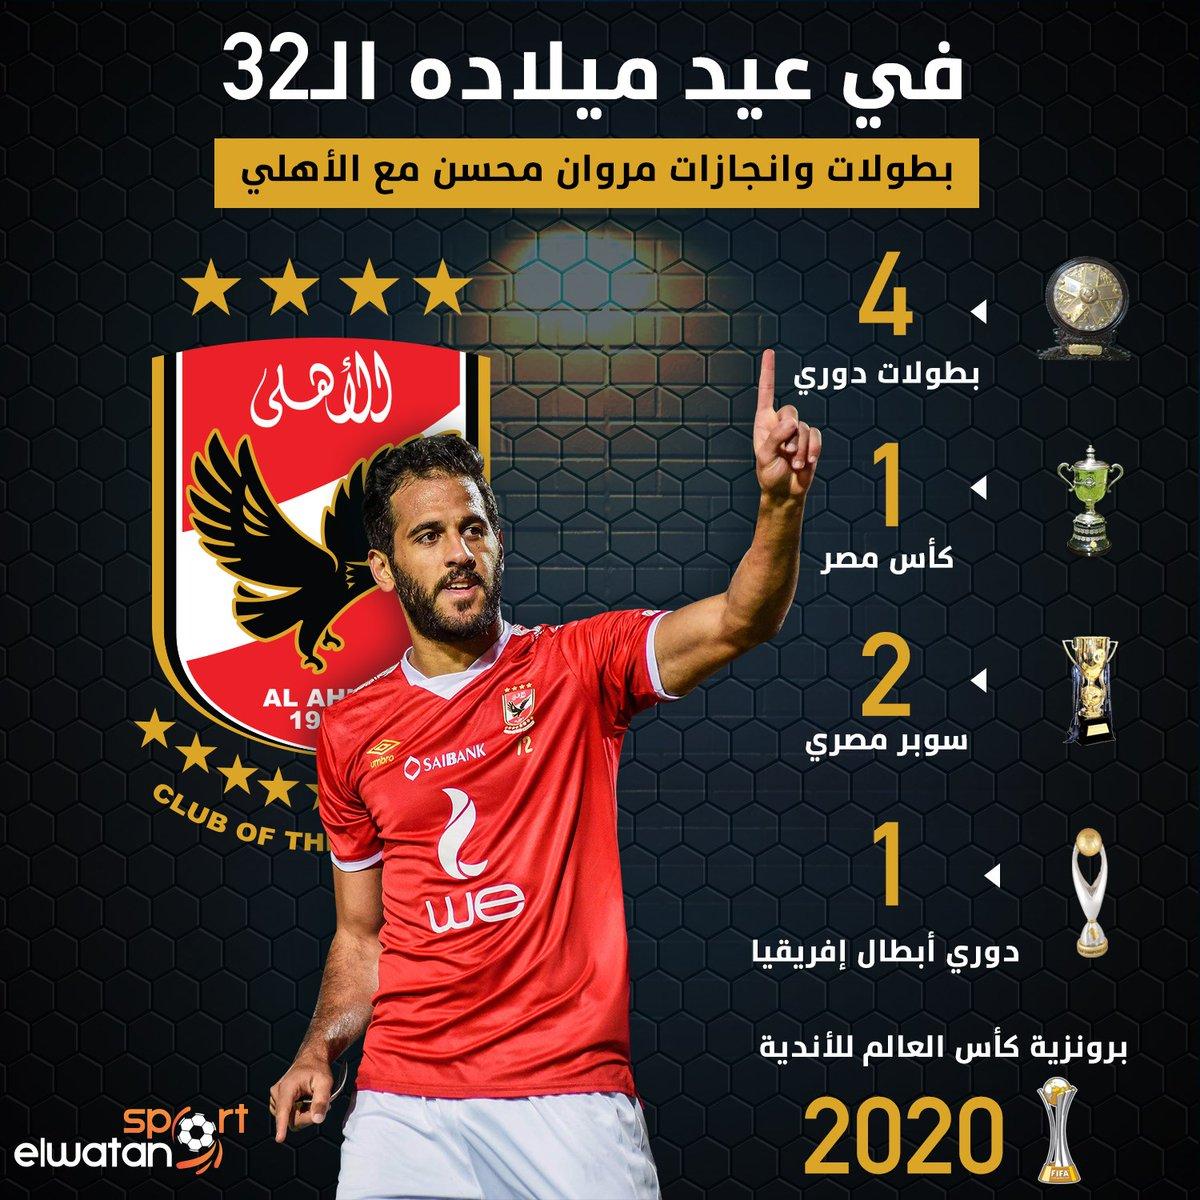 في عيد ميلاده الـ32.. بطولات وانجازات مروان محسن مع الأهلي 🦅